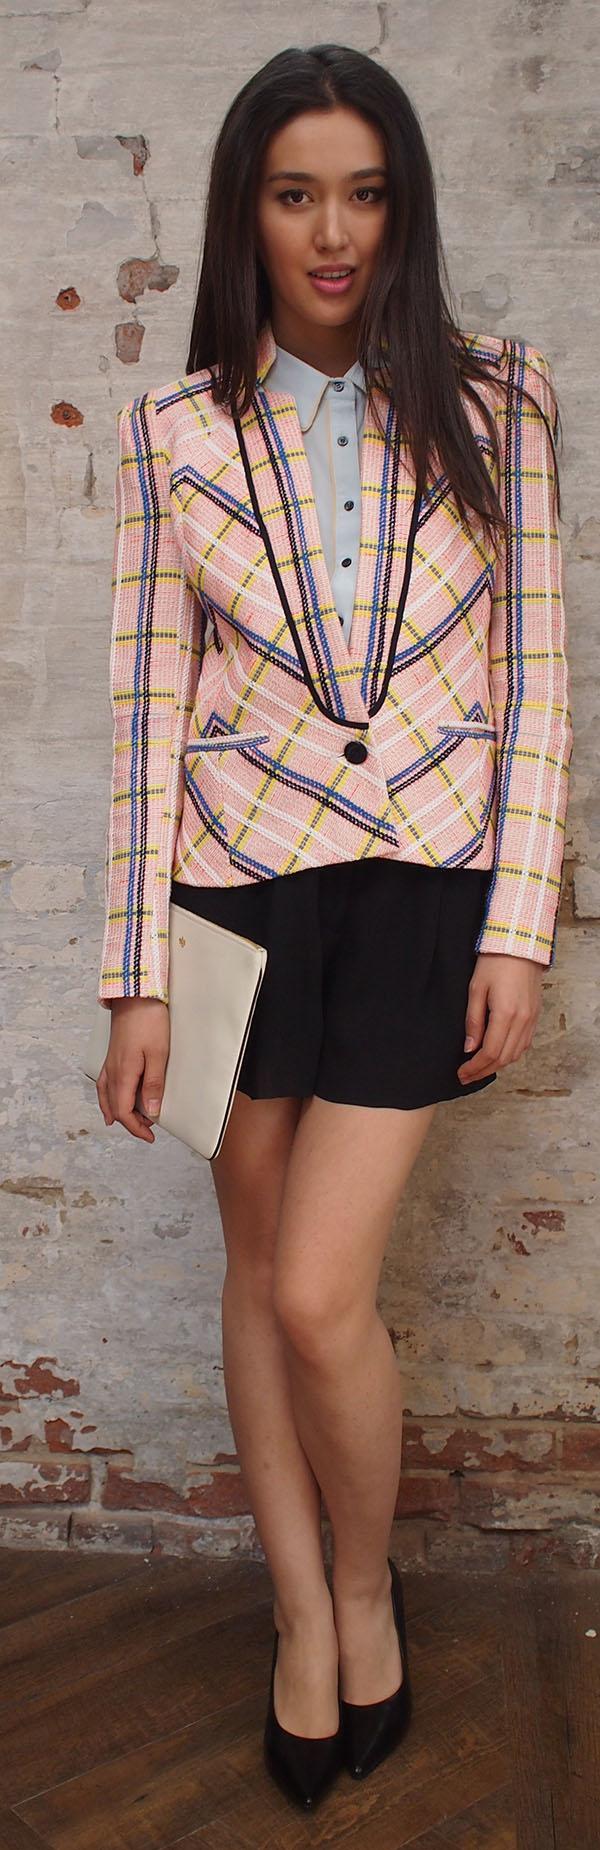 Rebecca Minkoff jacket $598,Ganni shirt $250,Tiger of Sweden shoe $229,Tiger of Sweden shorts $149.